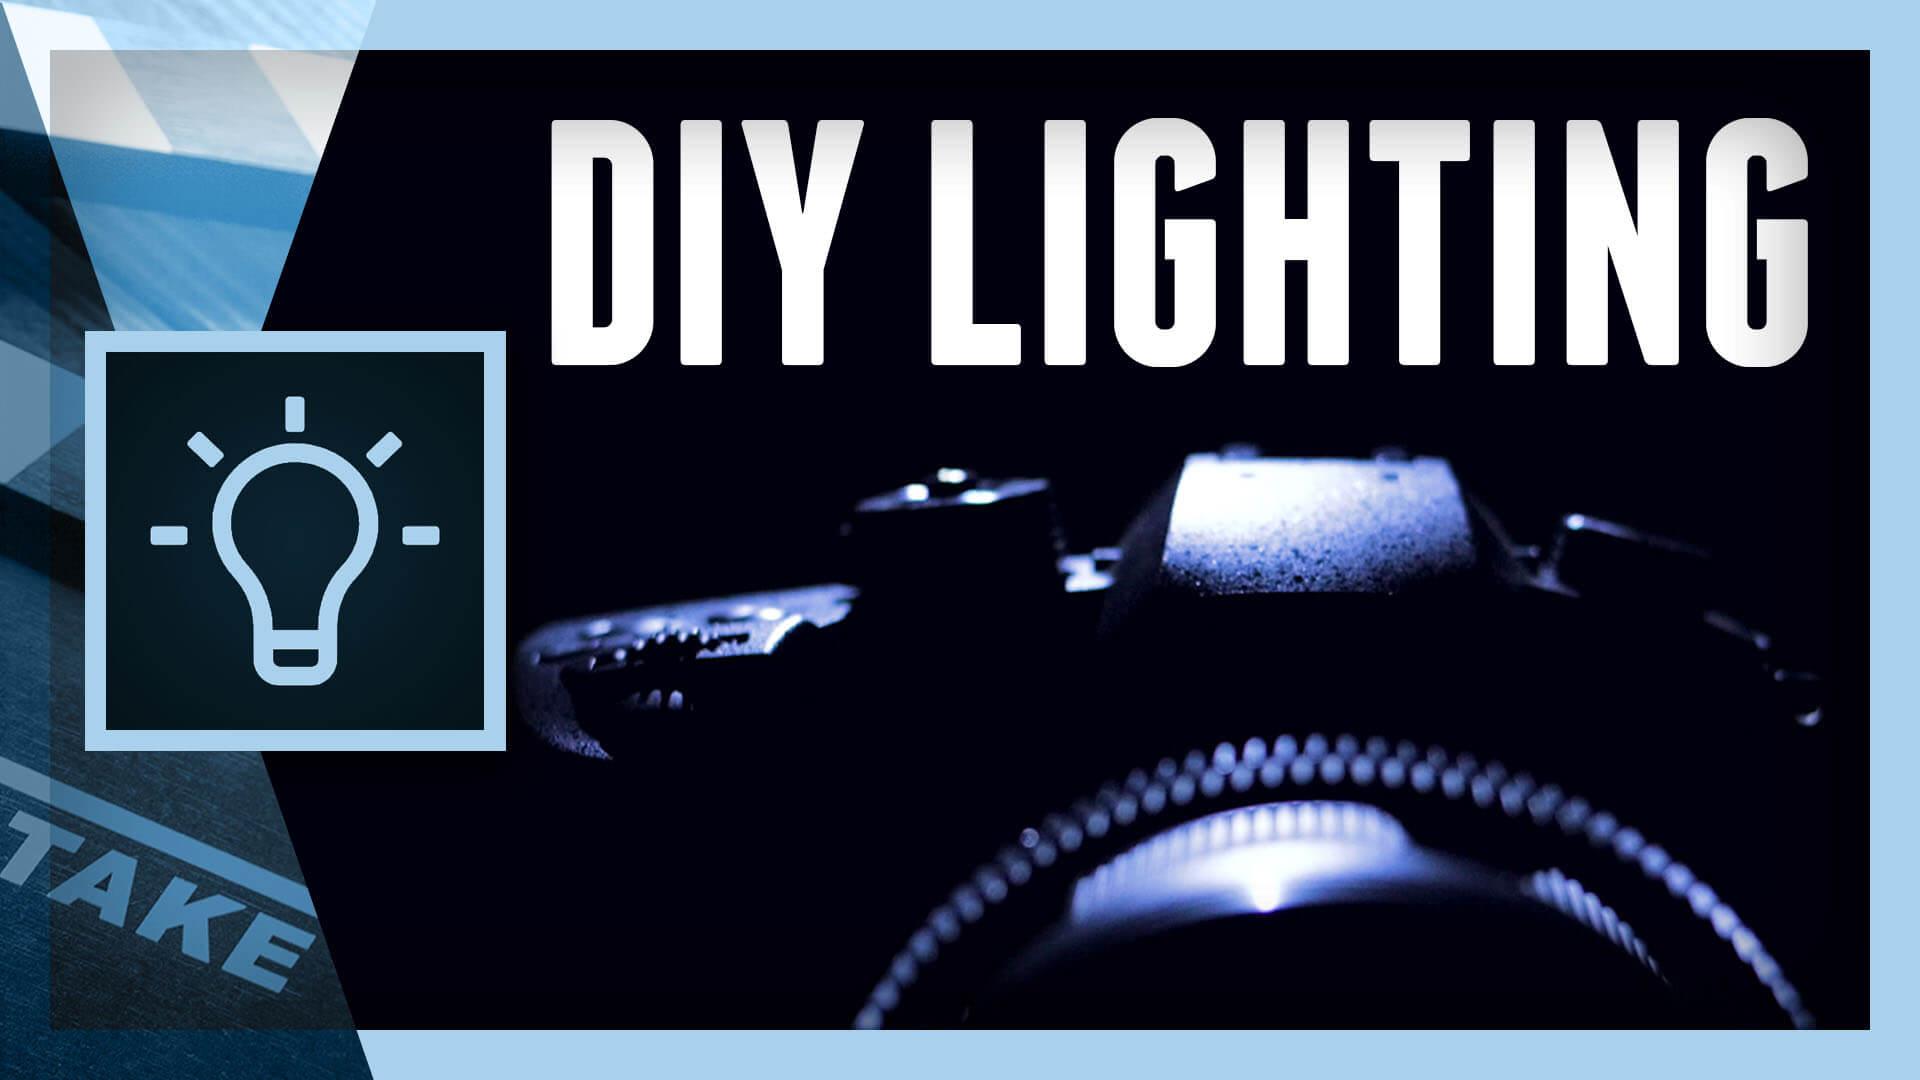 DIY Lighting: Product Reveal in Dark Studio   Cinecom.net